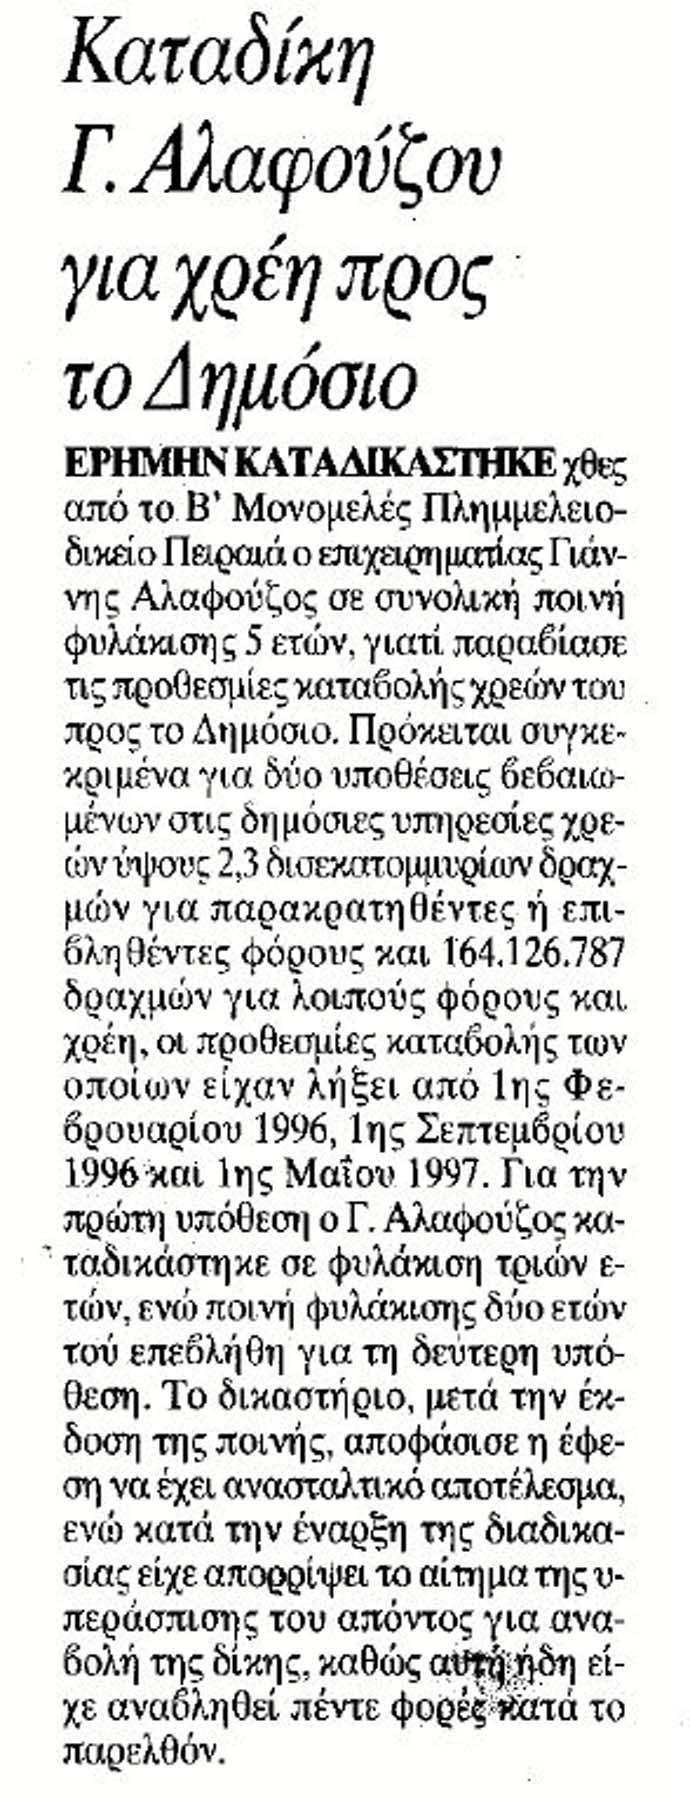 Βρὲ Ζωή... Τί ἀκριβῶς ἔχεις μέ τόν ΣΚΑΙ;124